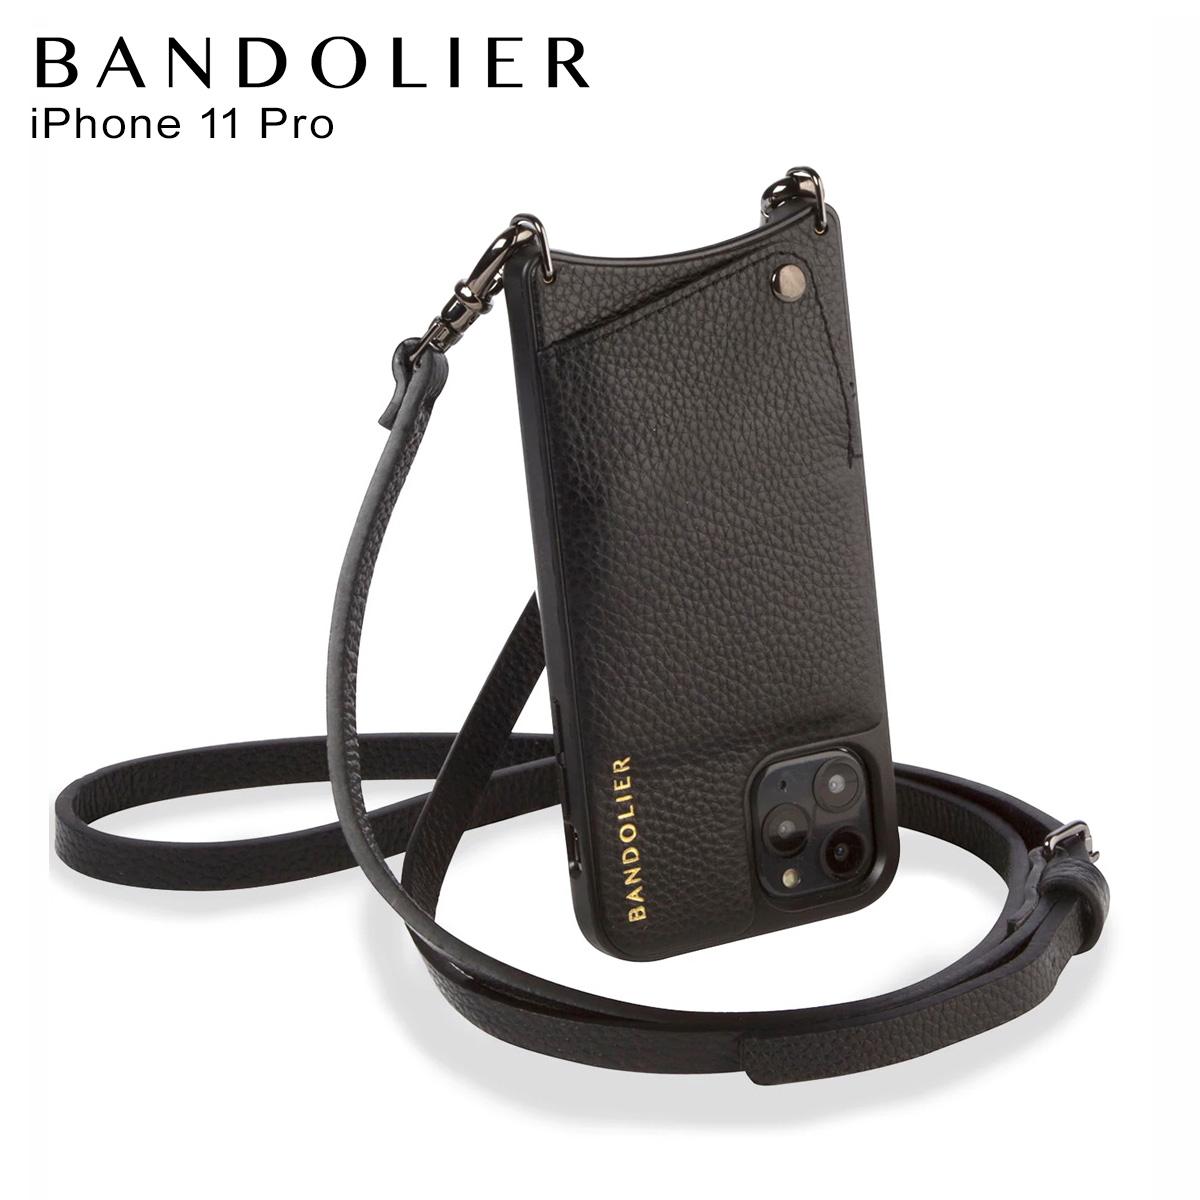 BANDOLIER EMMA PEWTER バンドリヤー エマ ピューター iPhone11 Pro ケース スマホ 携帯 ショルダー アイフォン メンズ レディース ブラック 黒 2980